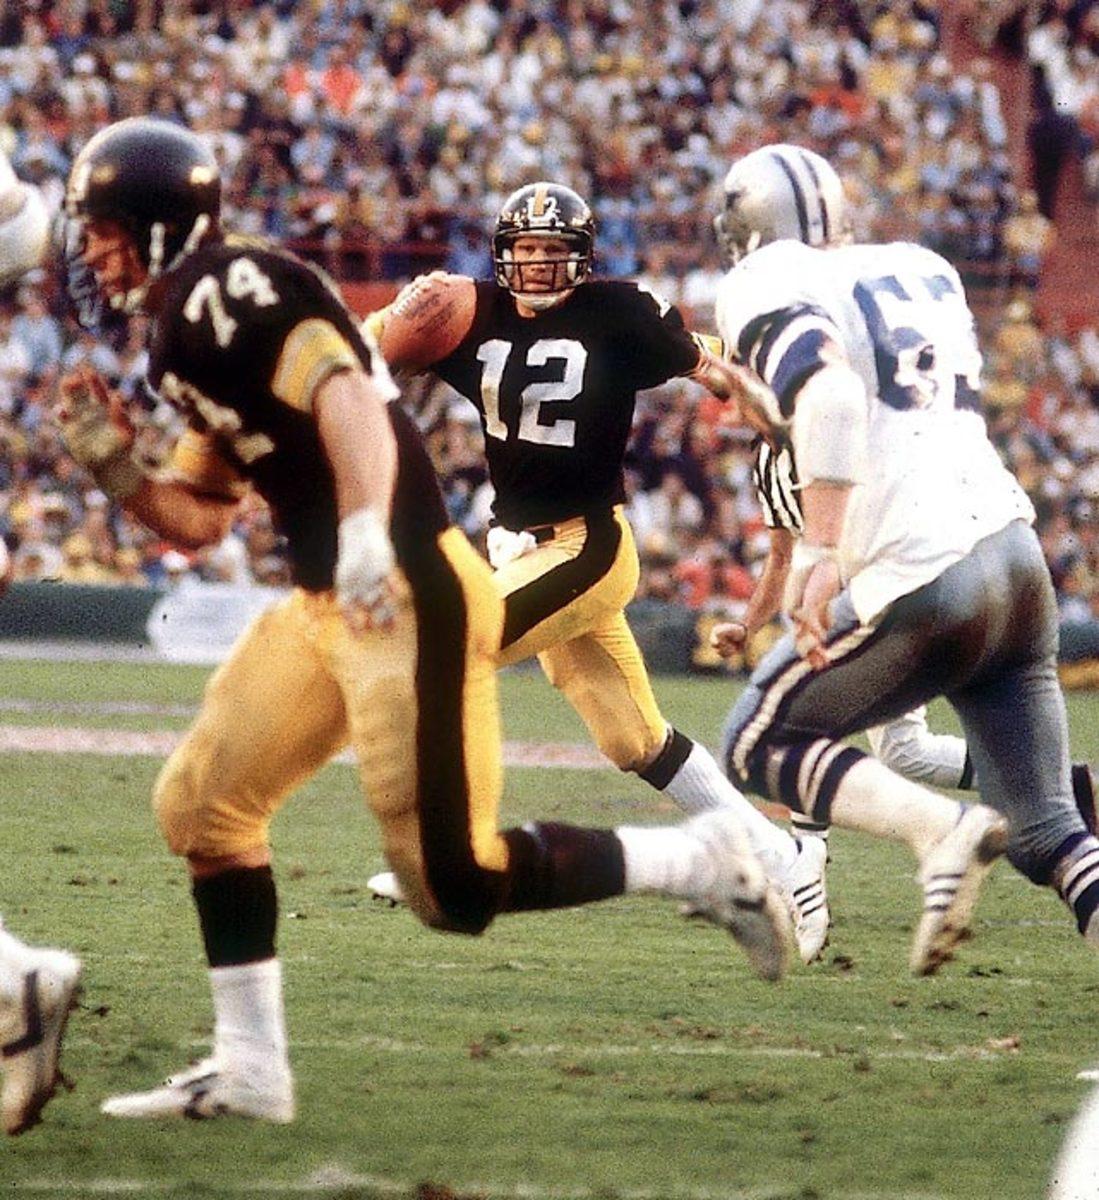 Super Bowl XIII, Jan. 21, 1979